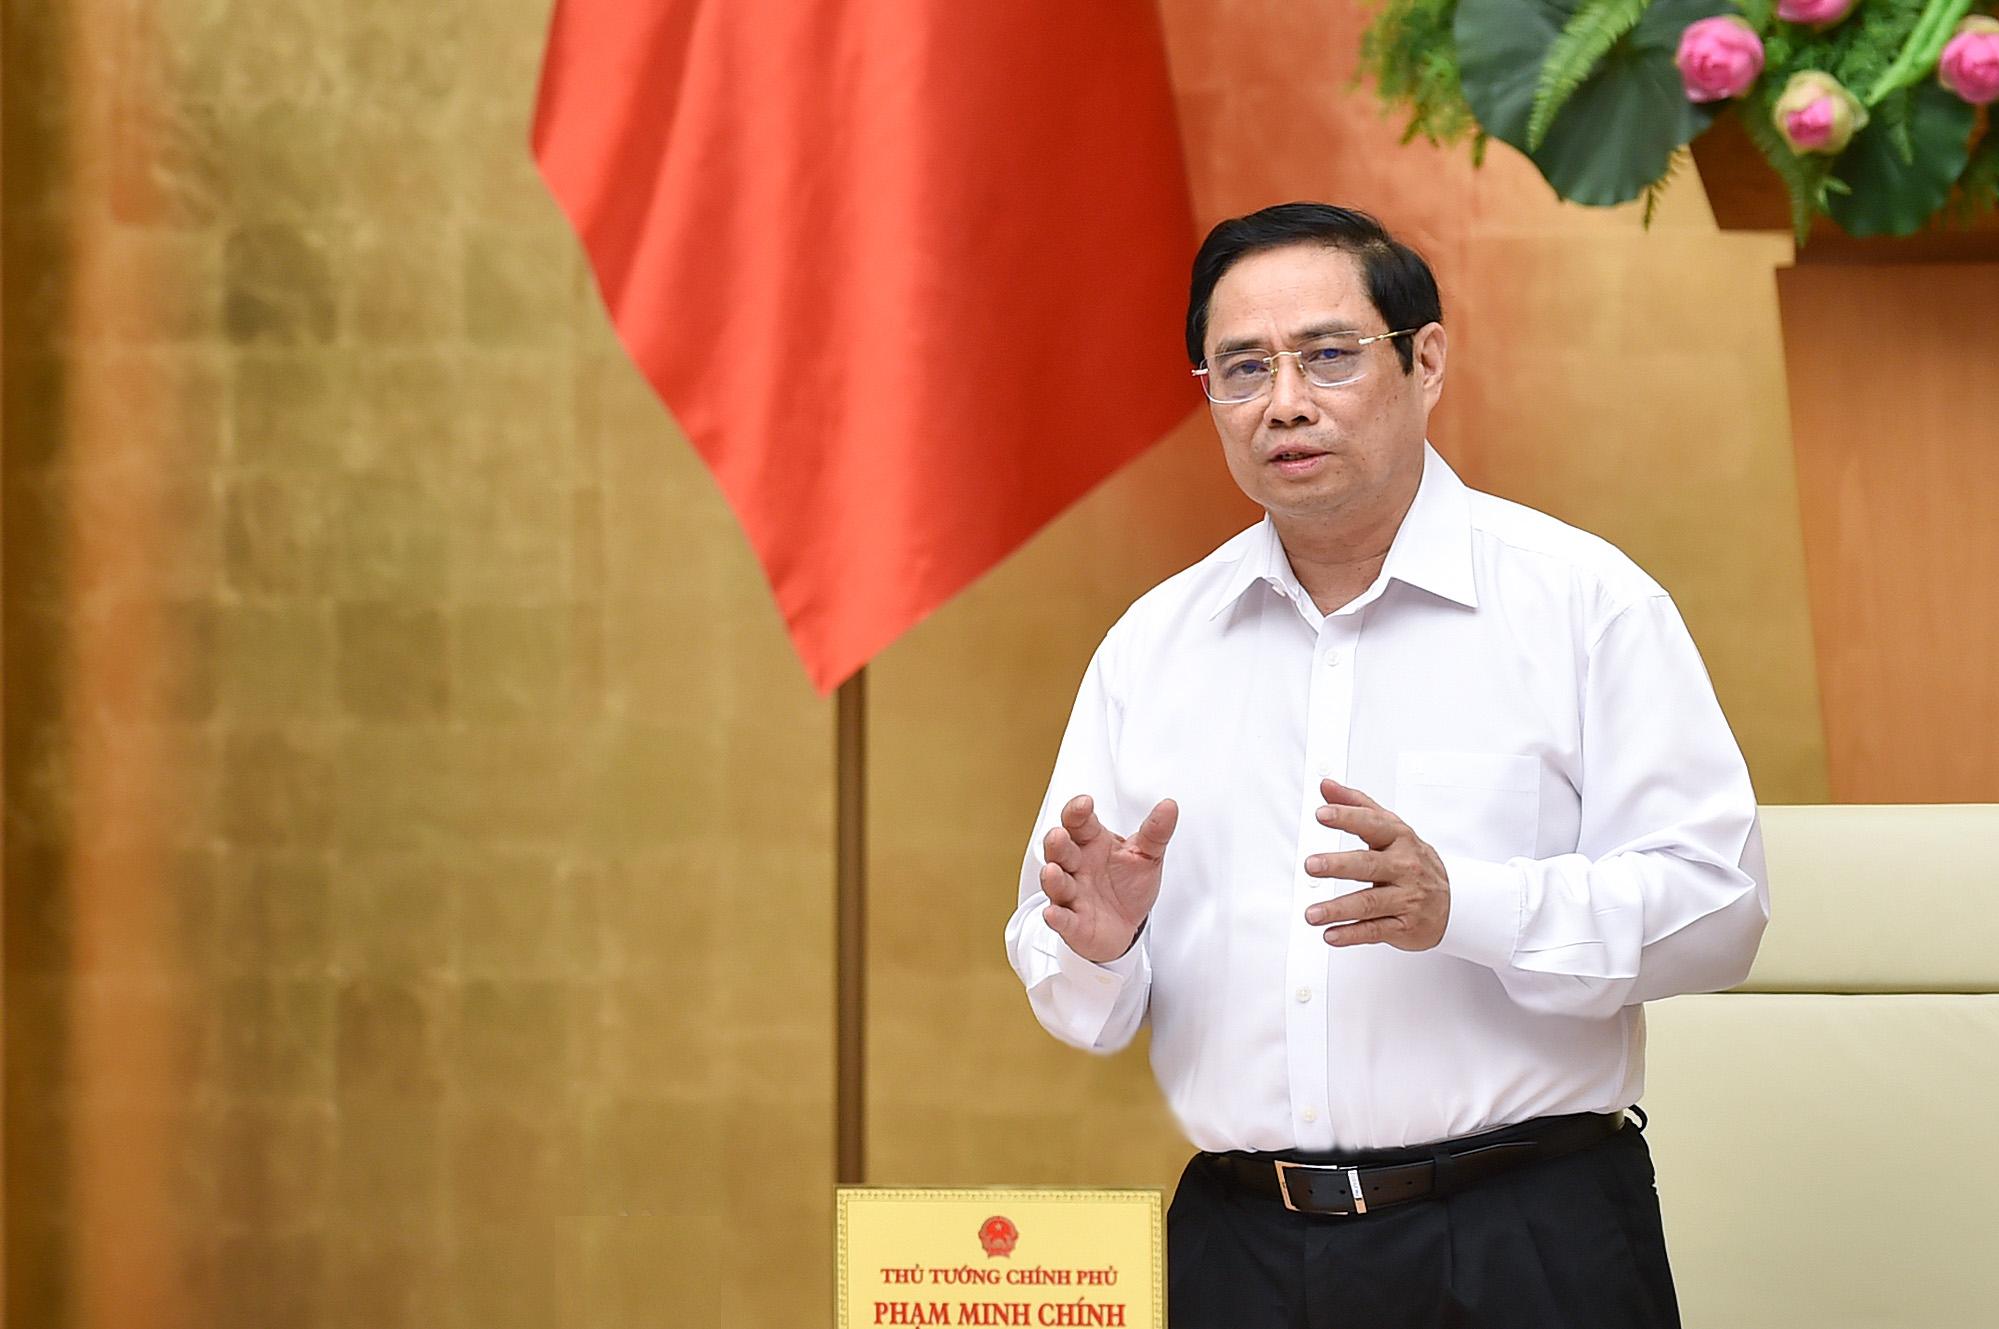 Thủ tướng Phạm Minh Chính chủ trì phiên họp Chính phủ thường kỳ tháng 8, ngày 6/9. Ảnh: Nhật Bắc